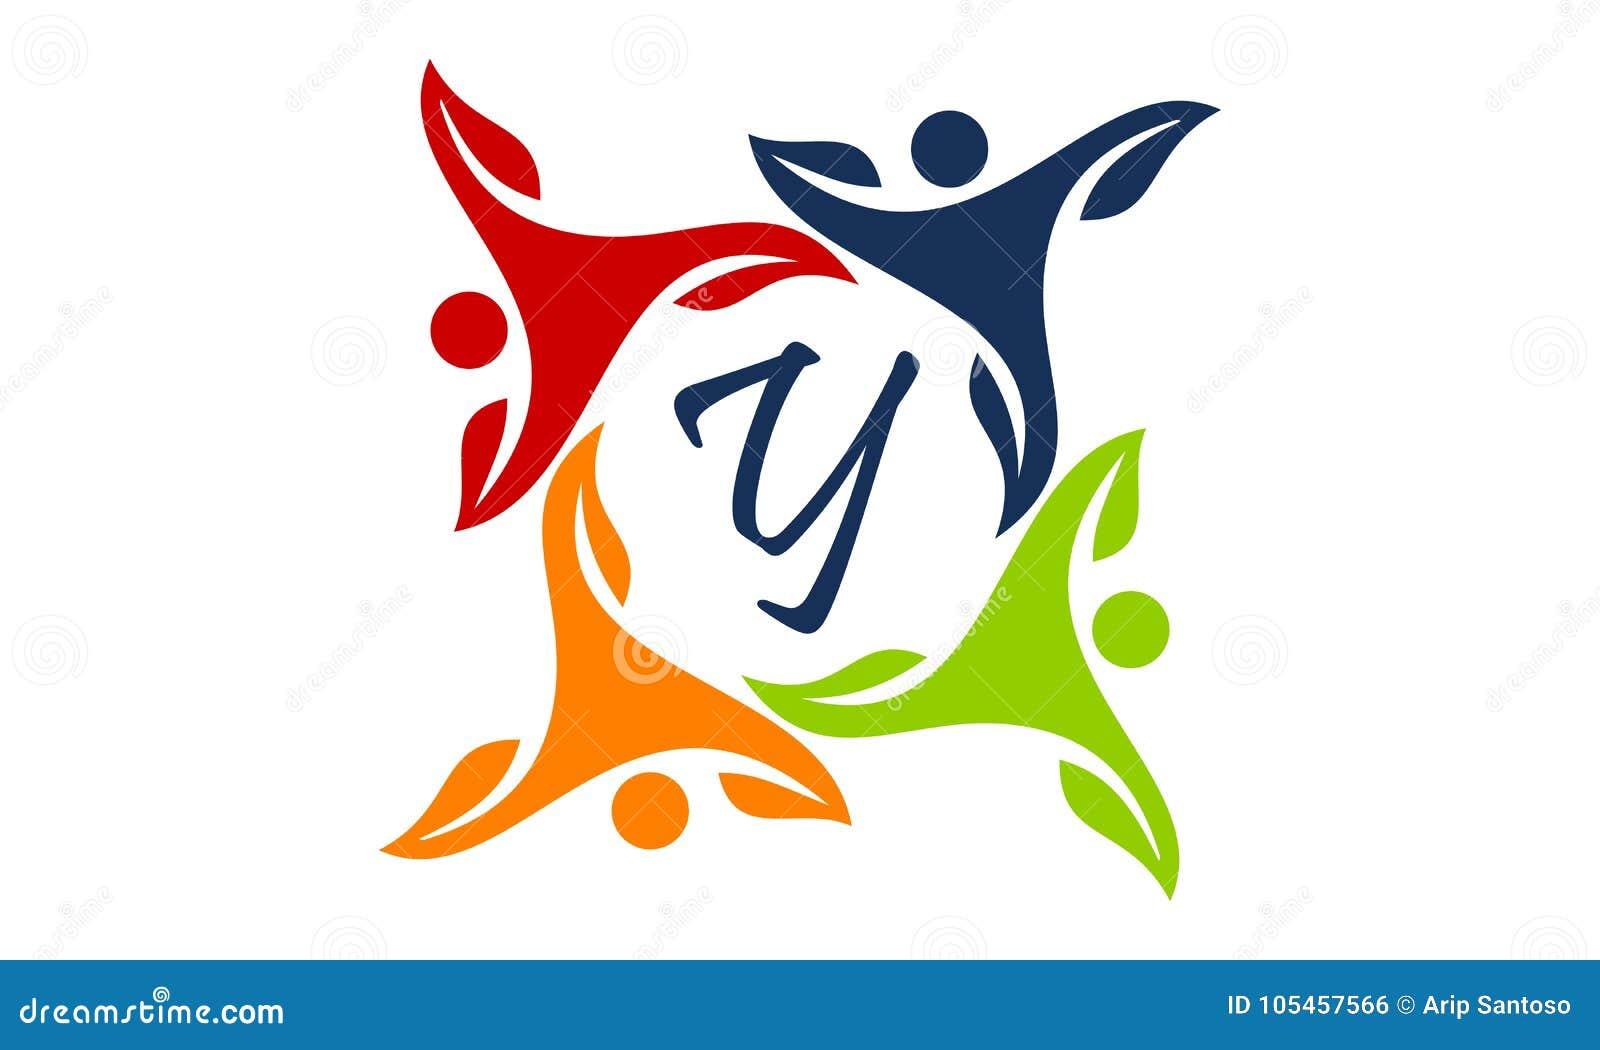 leaf people health together letter y